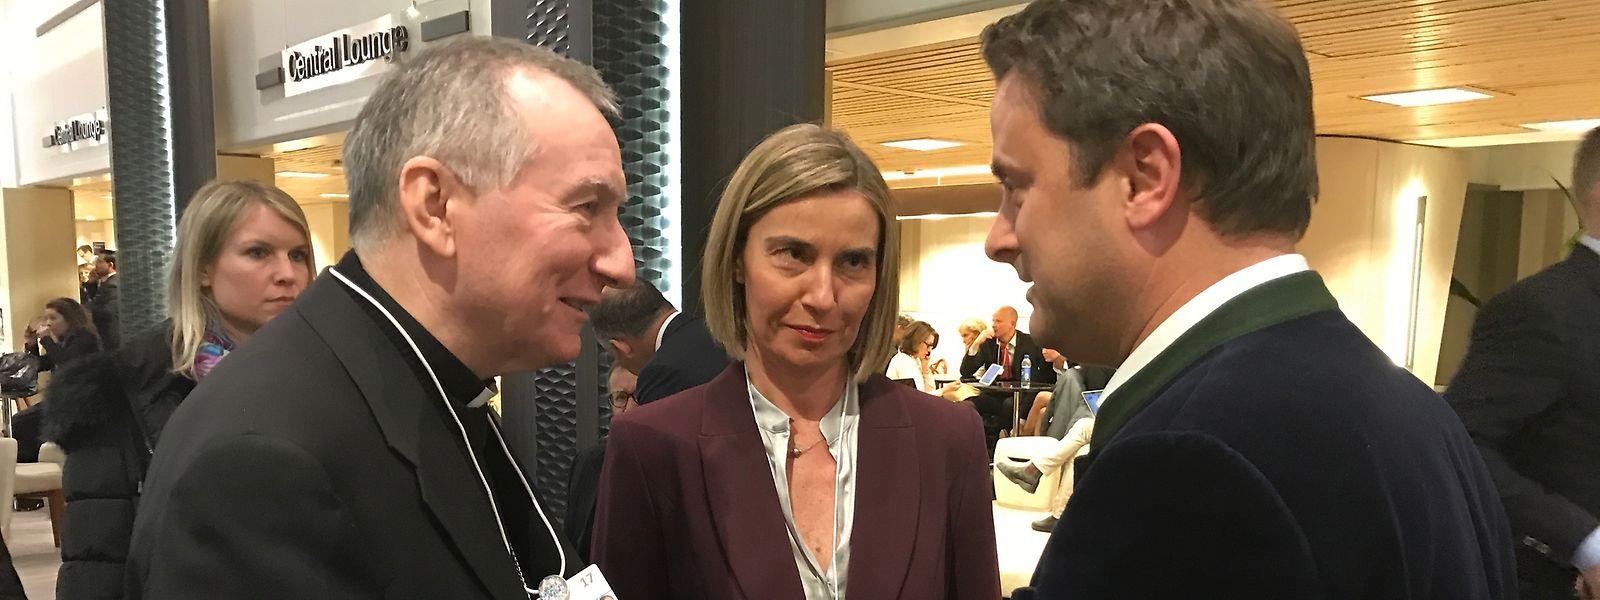 Pietro Parolin, Federica Mogherini e Xavier Bettel, em Davos